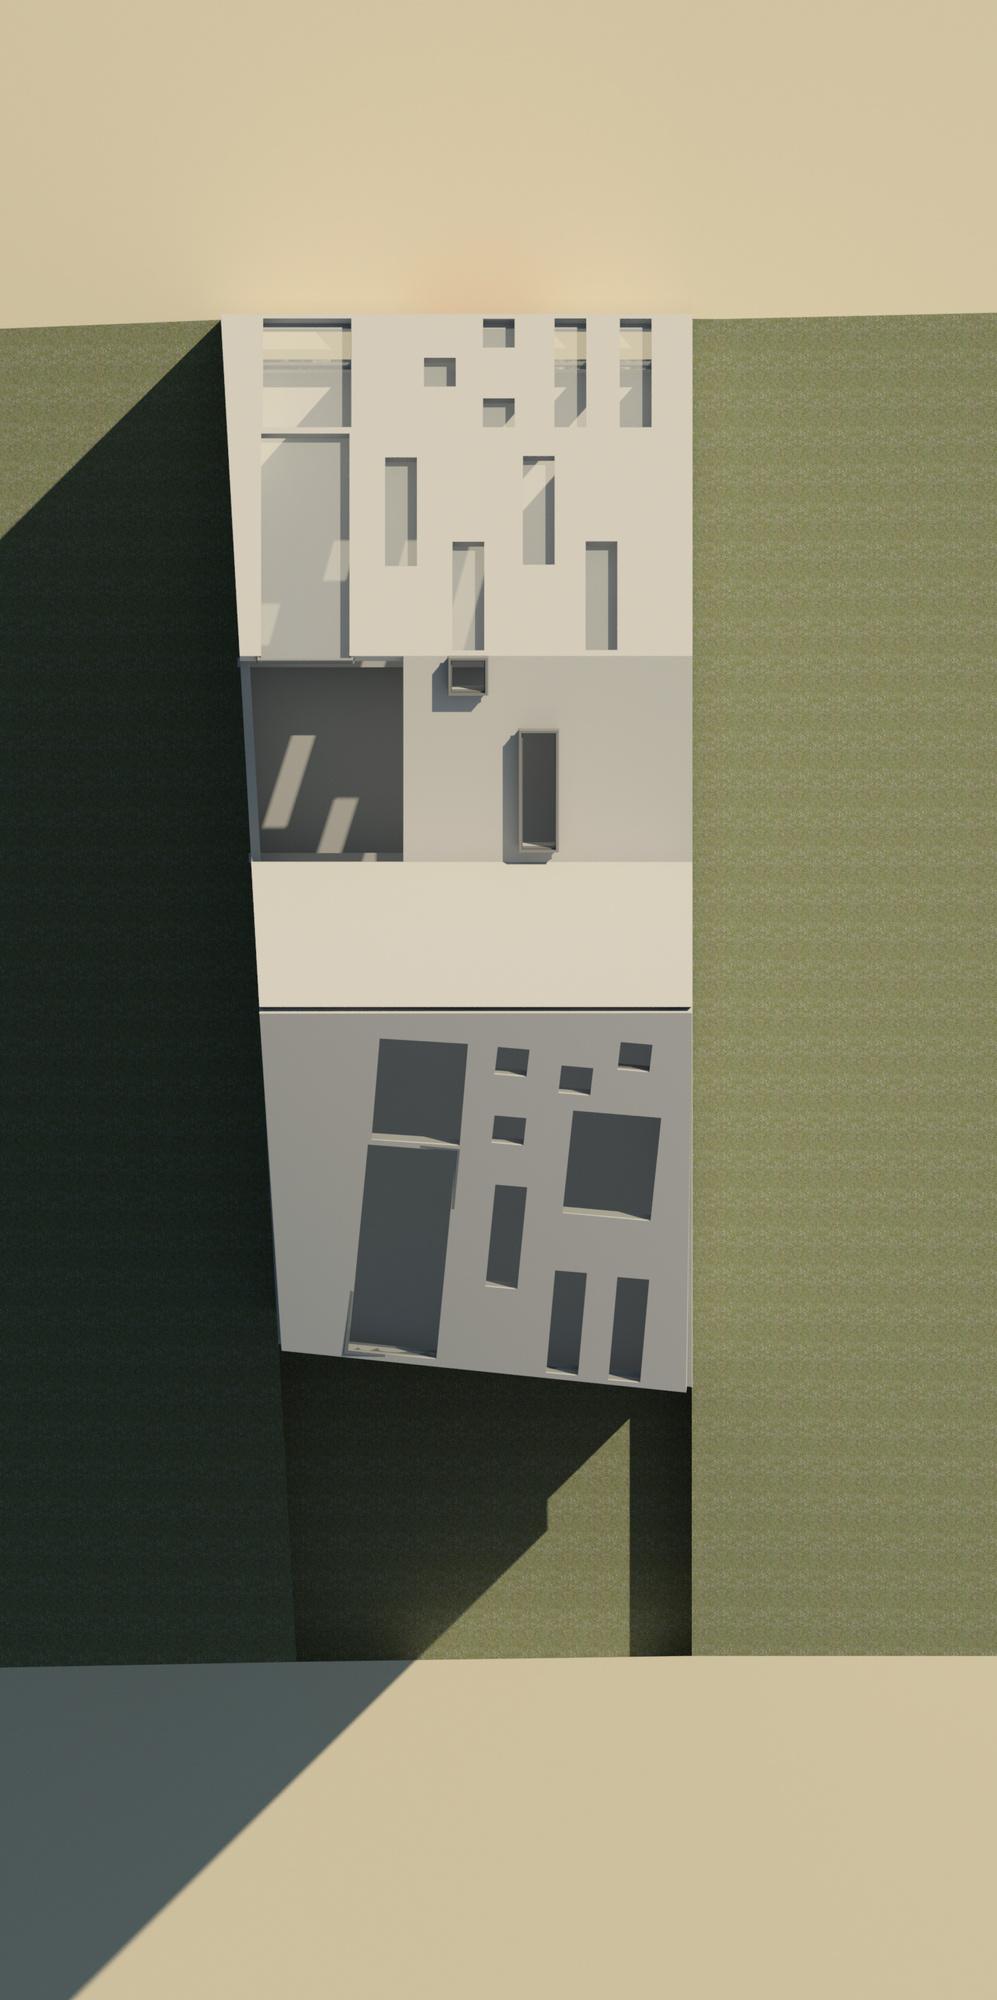 Raas-rendering20150315-2173-htpede